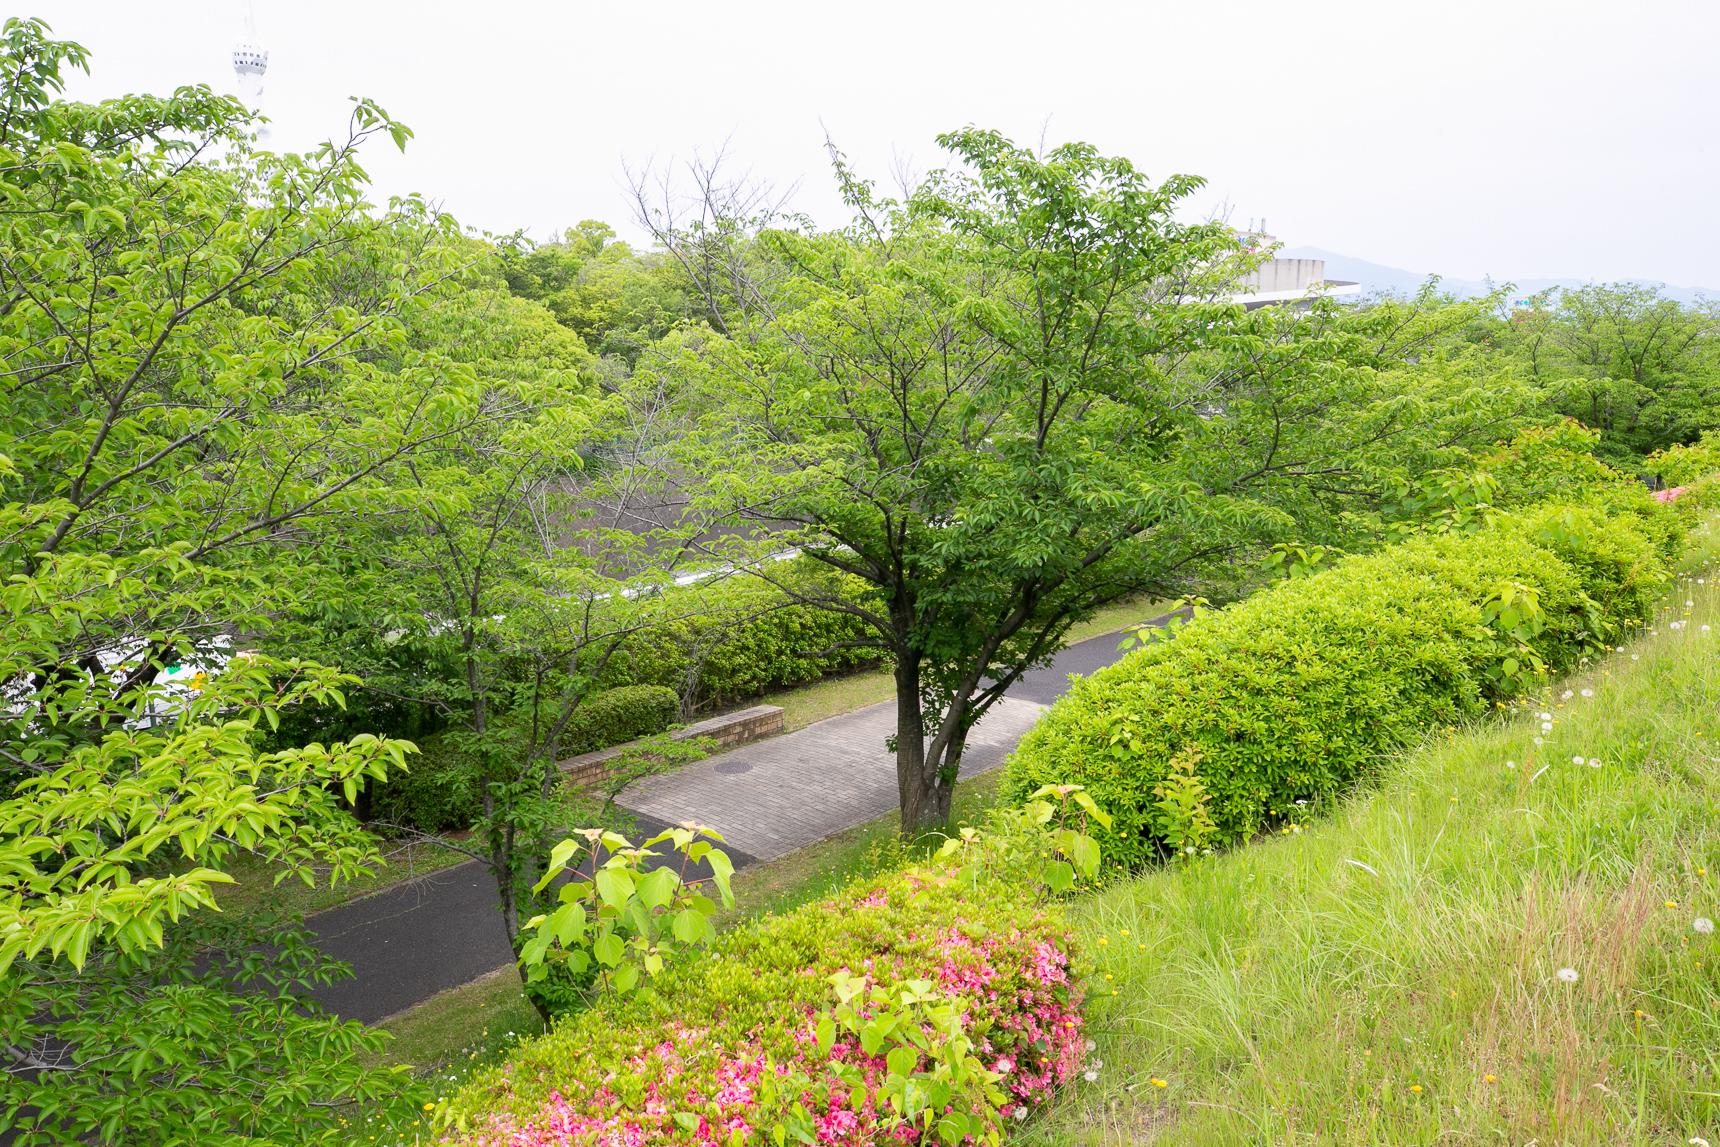 藤沢台第3団地の周囲には、緑豊かなウォーキングコースも豊富。ここは桜並木ということで、春になるのが楽しみ。